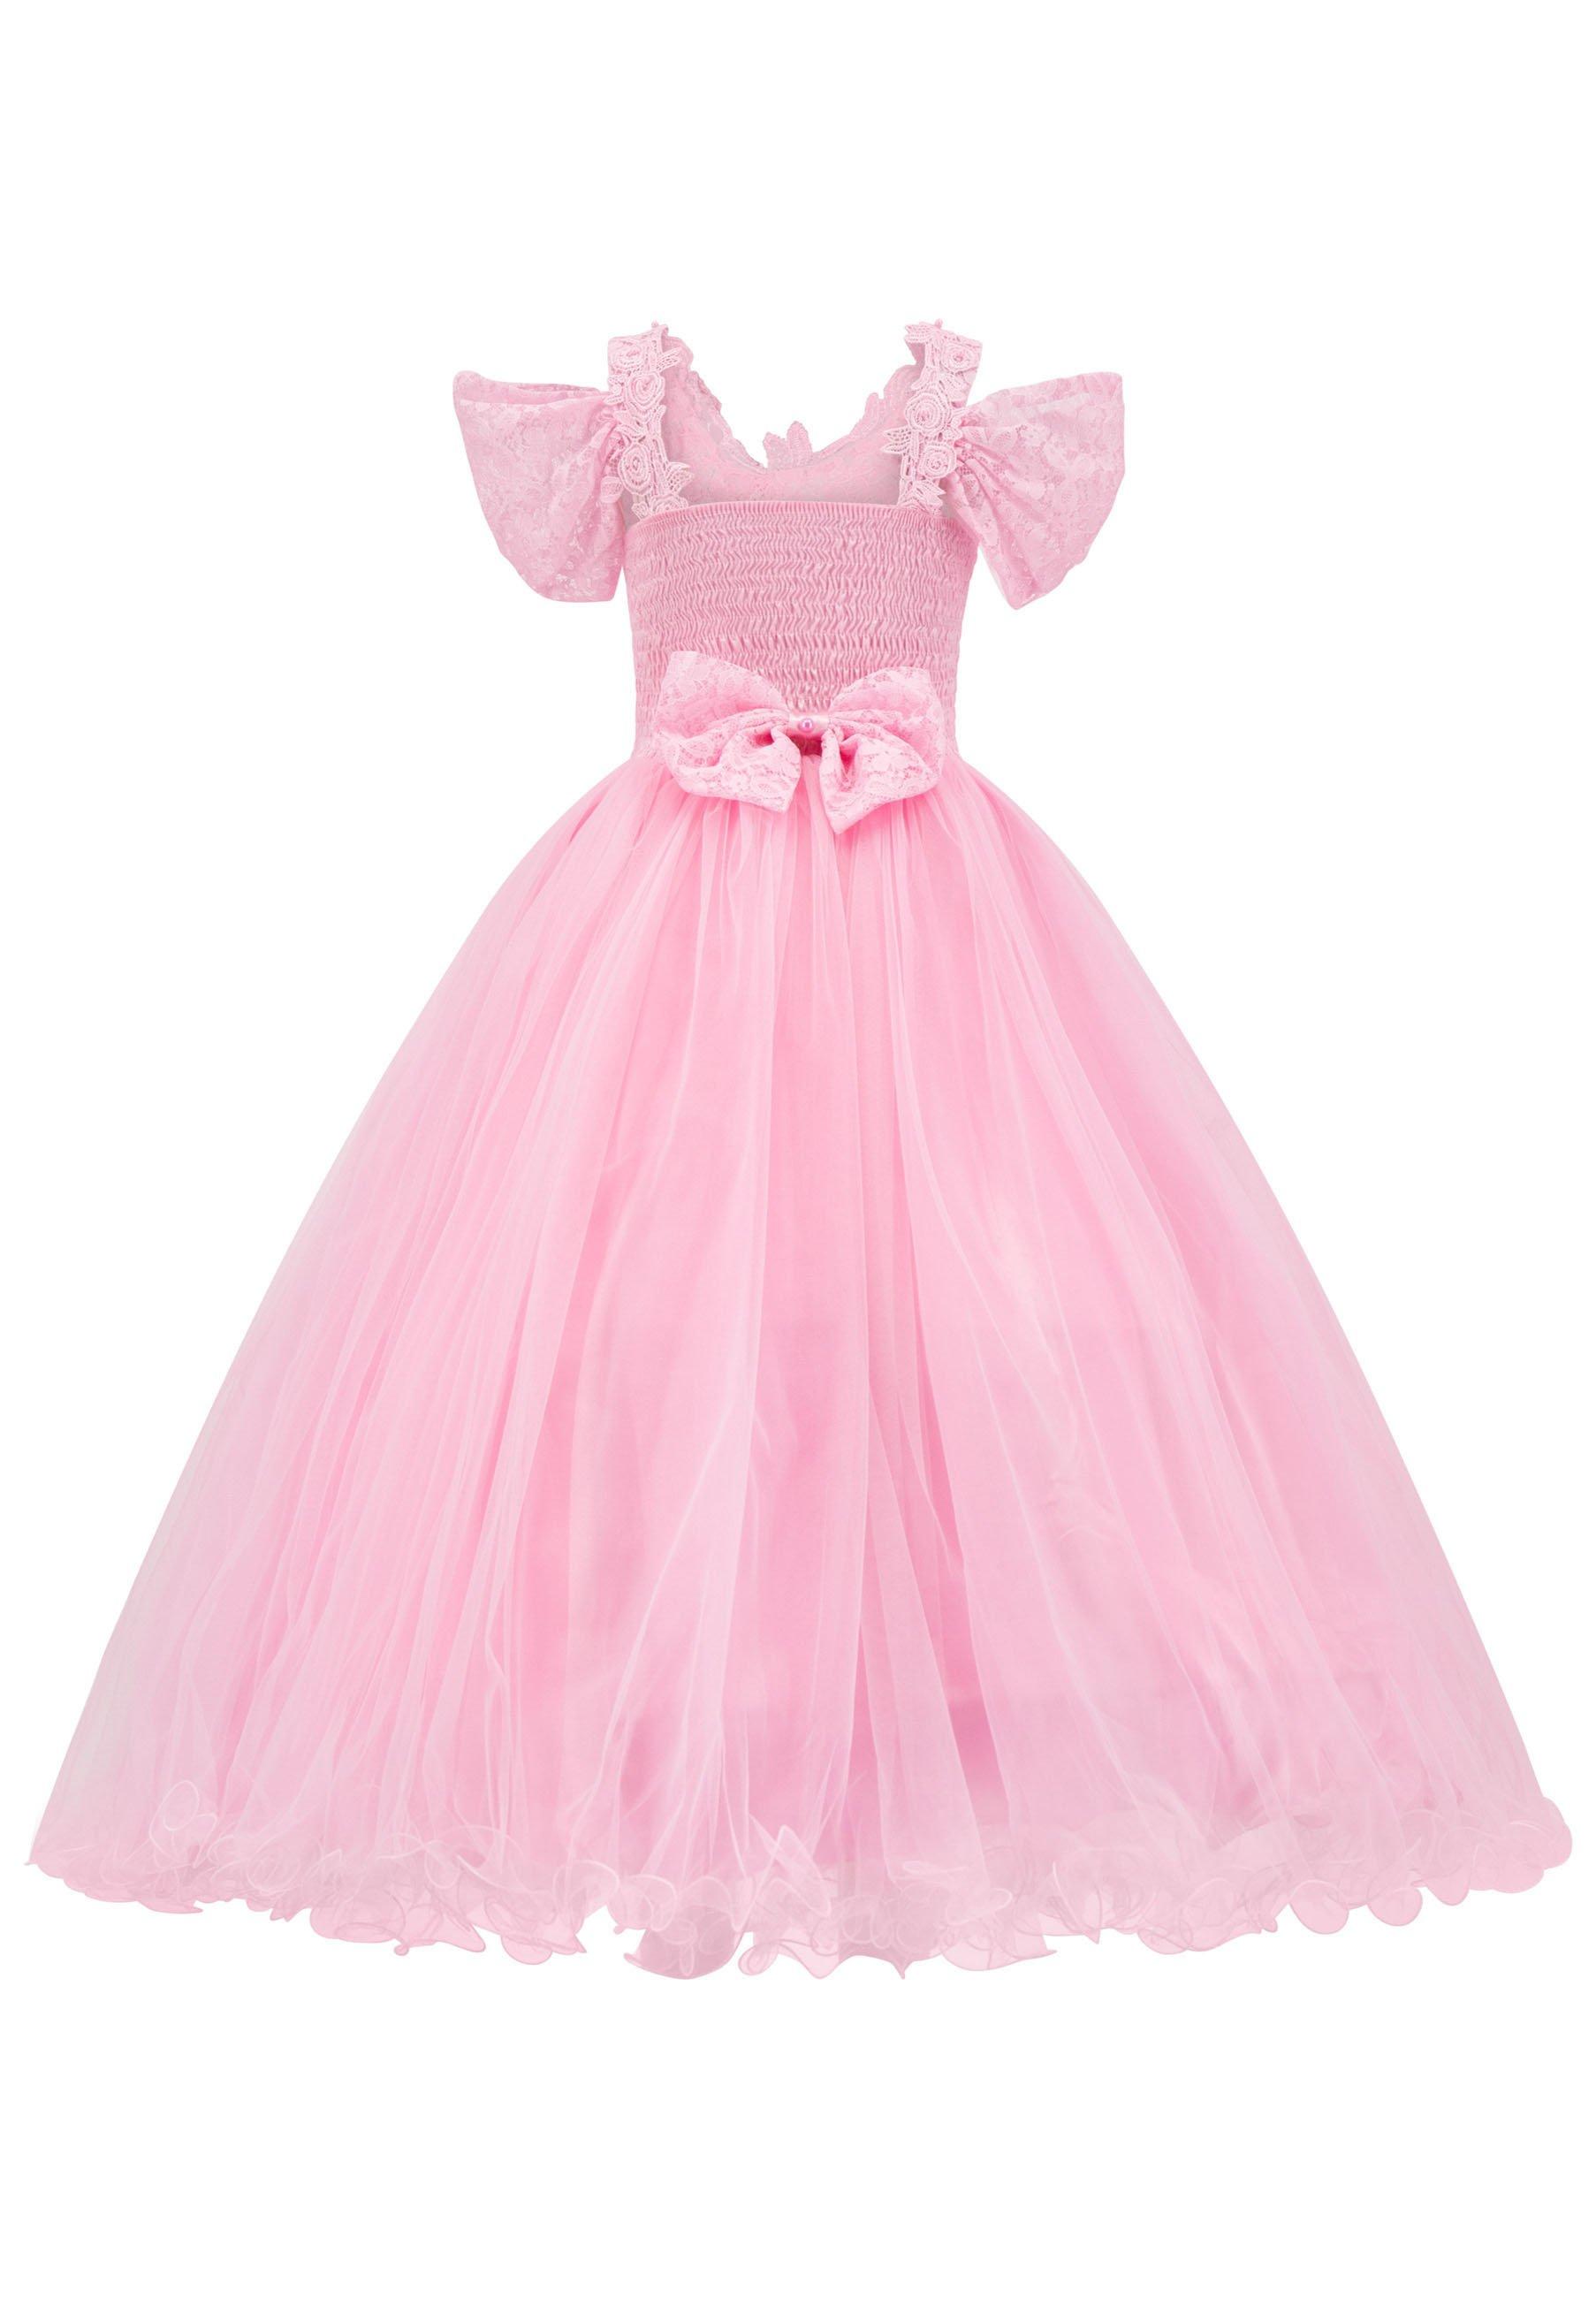 Kinder Prinzessinnen mit Reif - Cocktailkleid/festliches Kleid